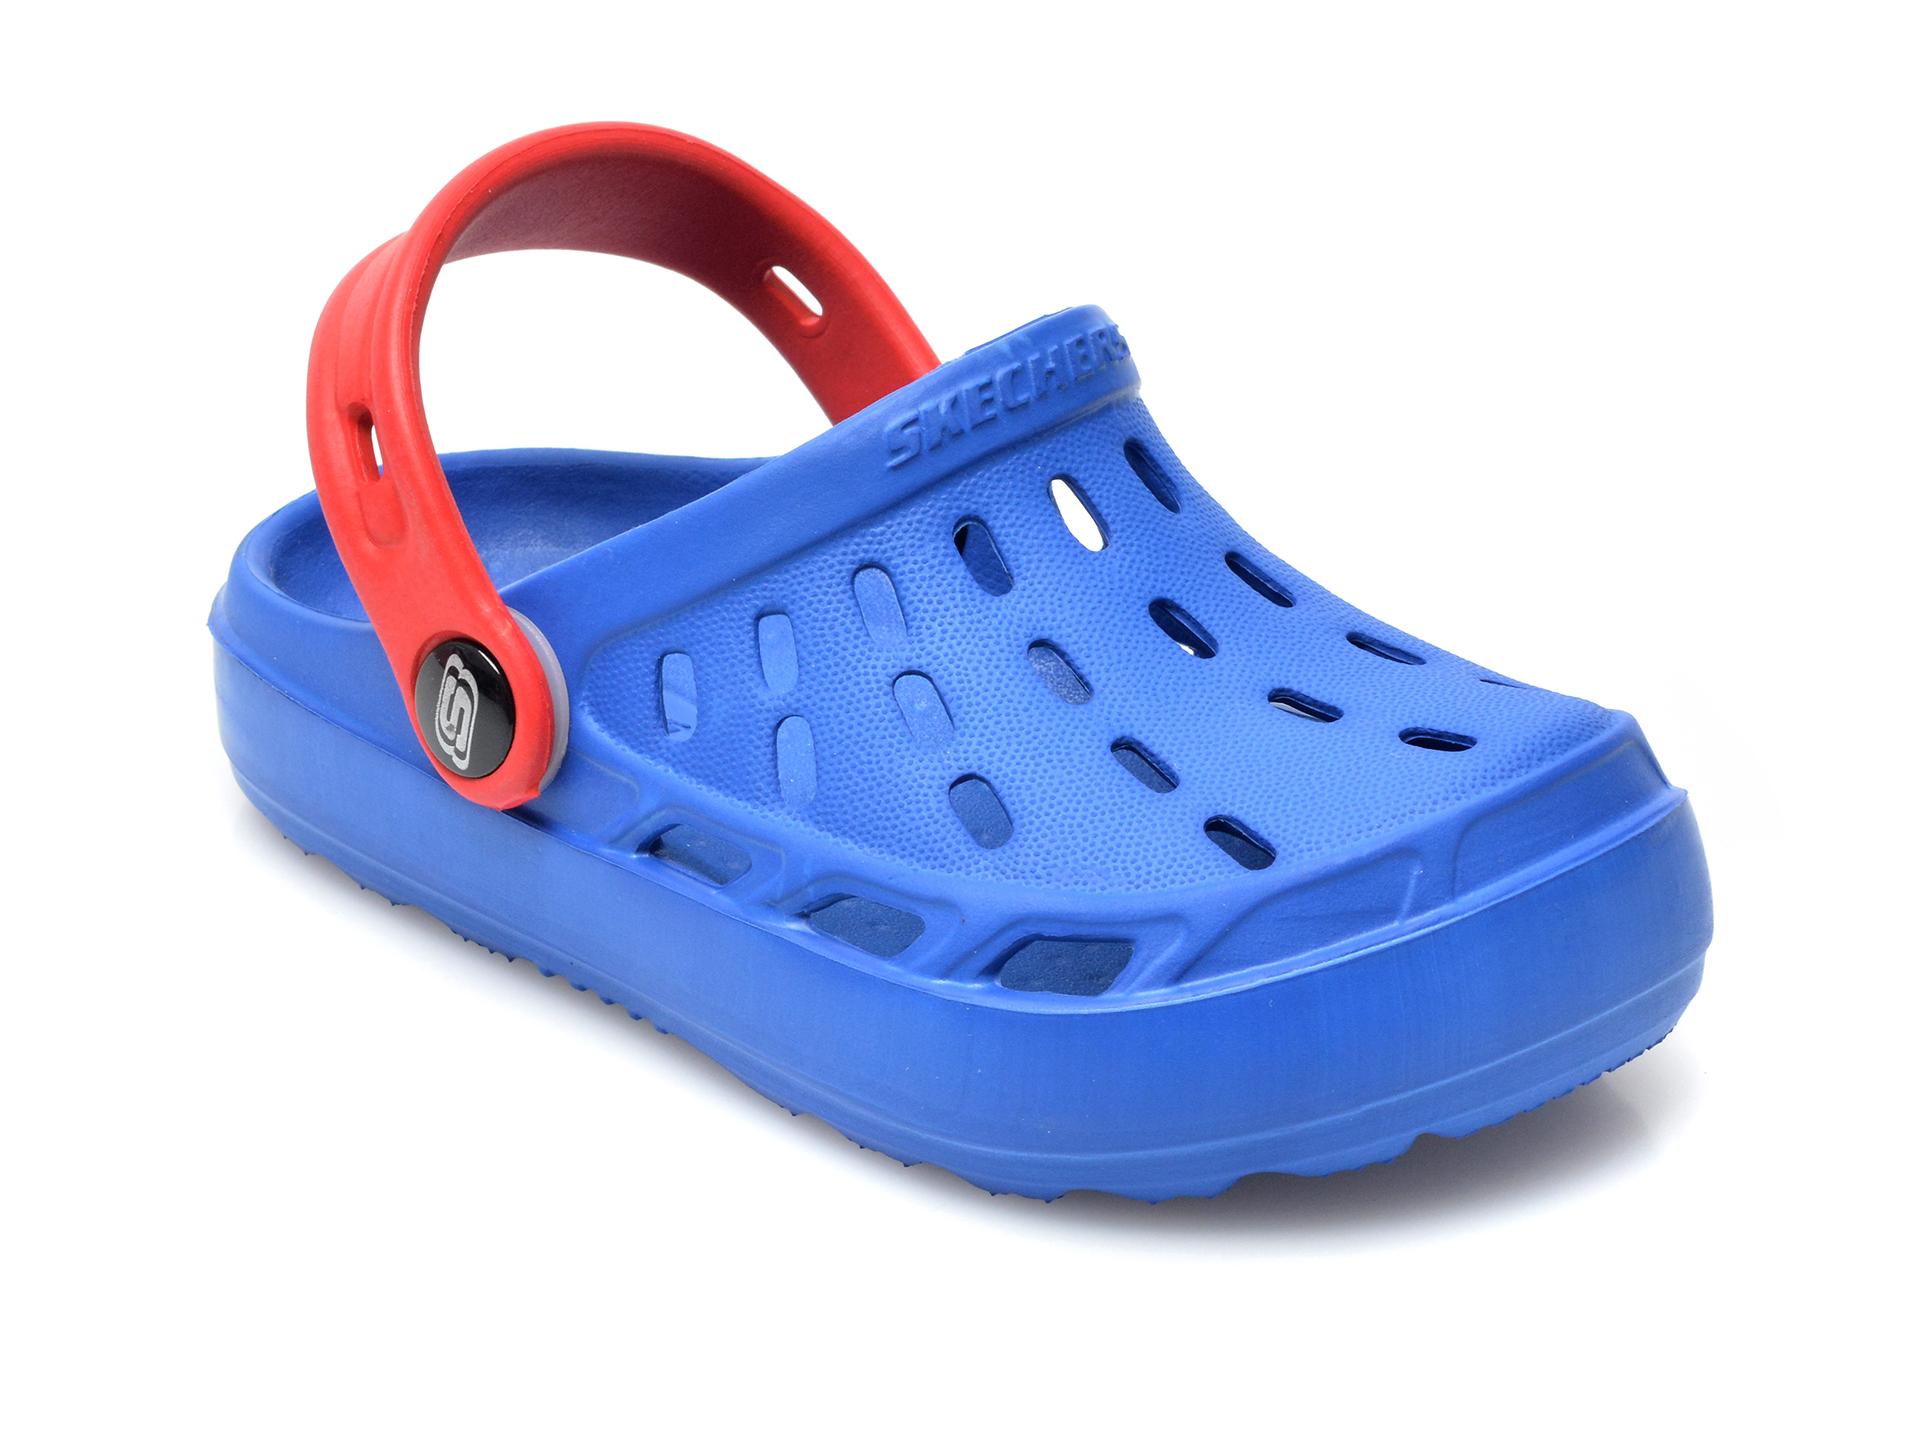 Sandale SKECHERS albastre, Swifters, din pvc